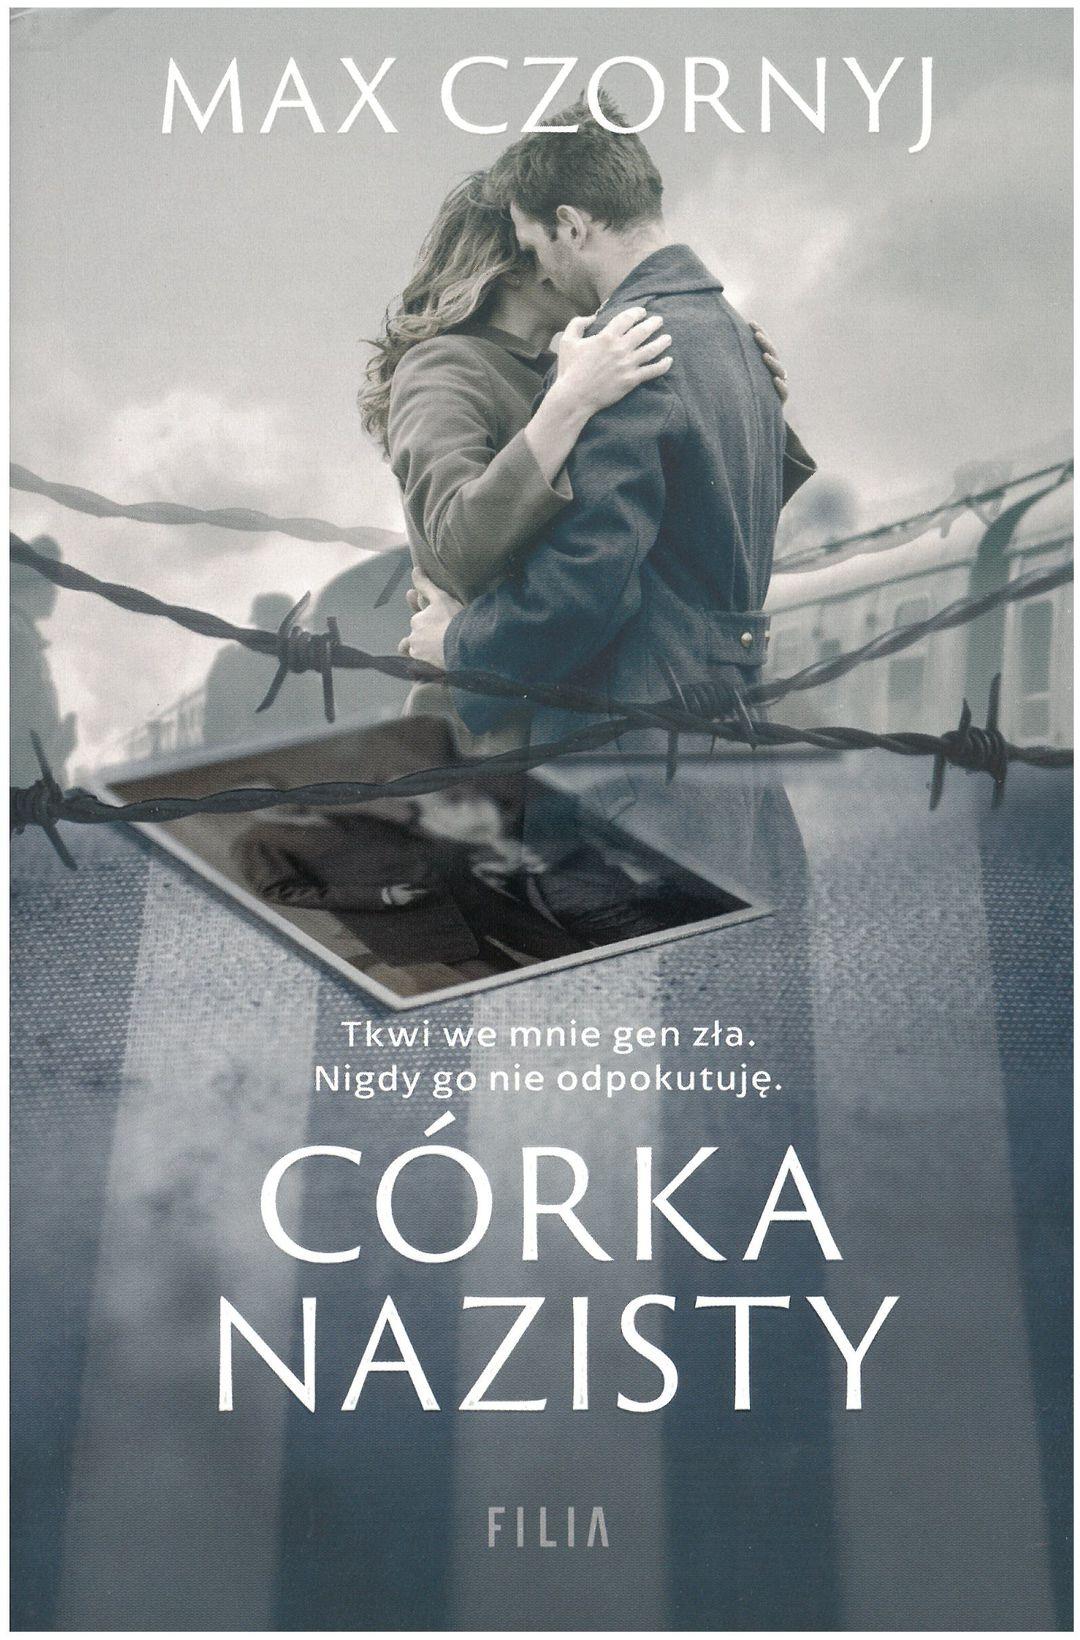 CZORNYJ MAX – Córka Nazisty